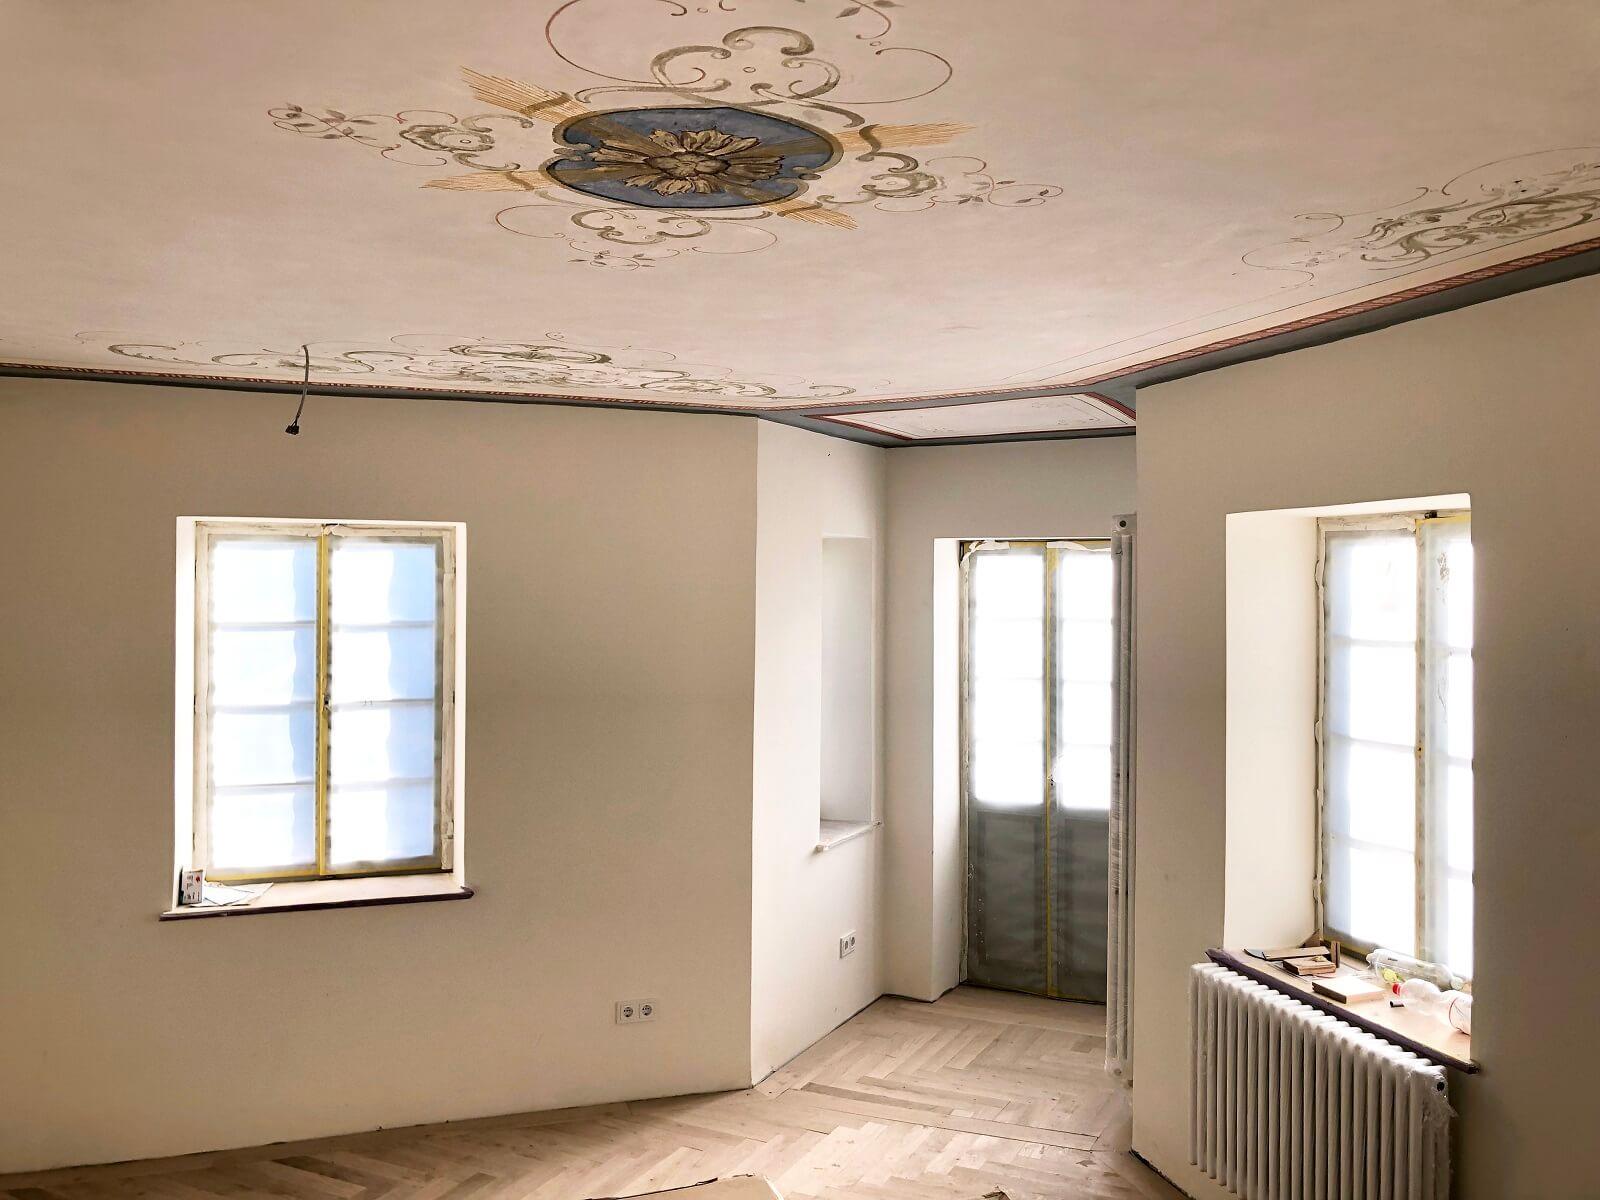 Die Sanierungsarbeiten unserer neuen Räumlichkeiten